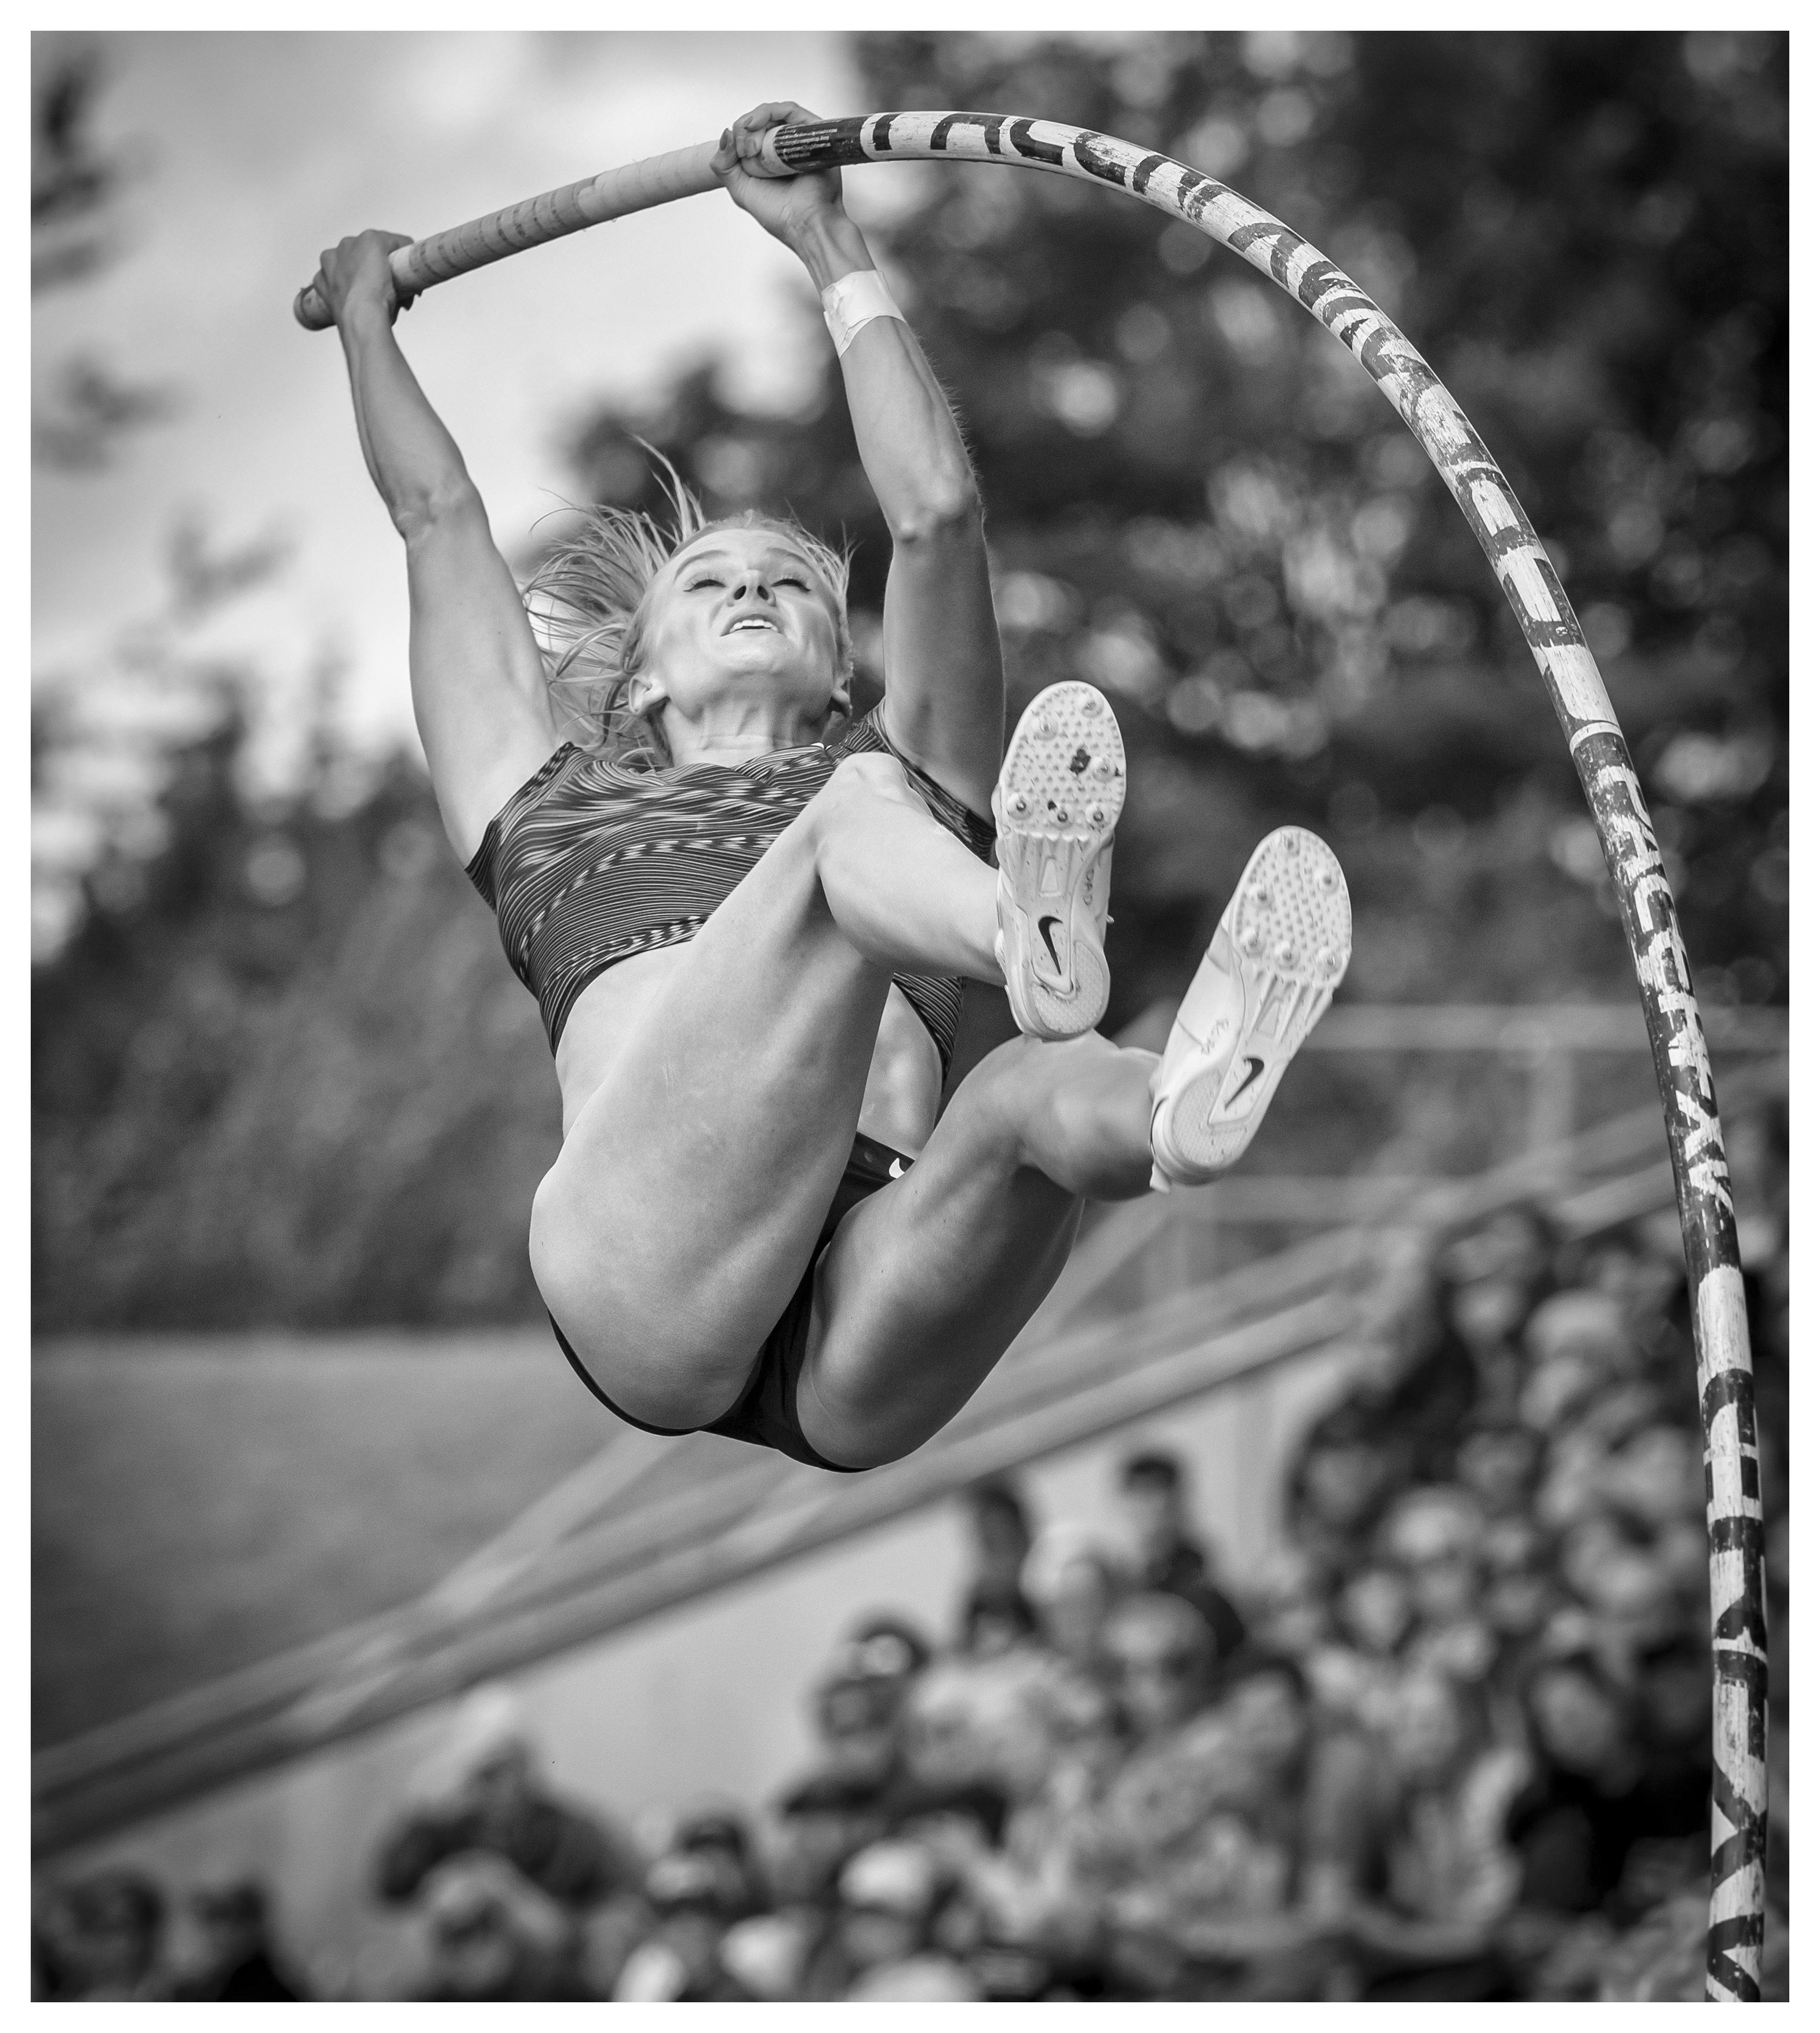 2019_08_18_Muller_Athletics_119